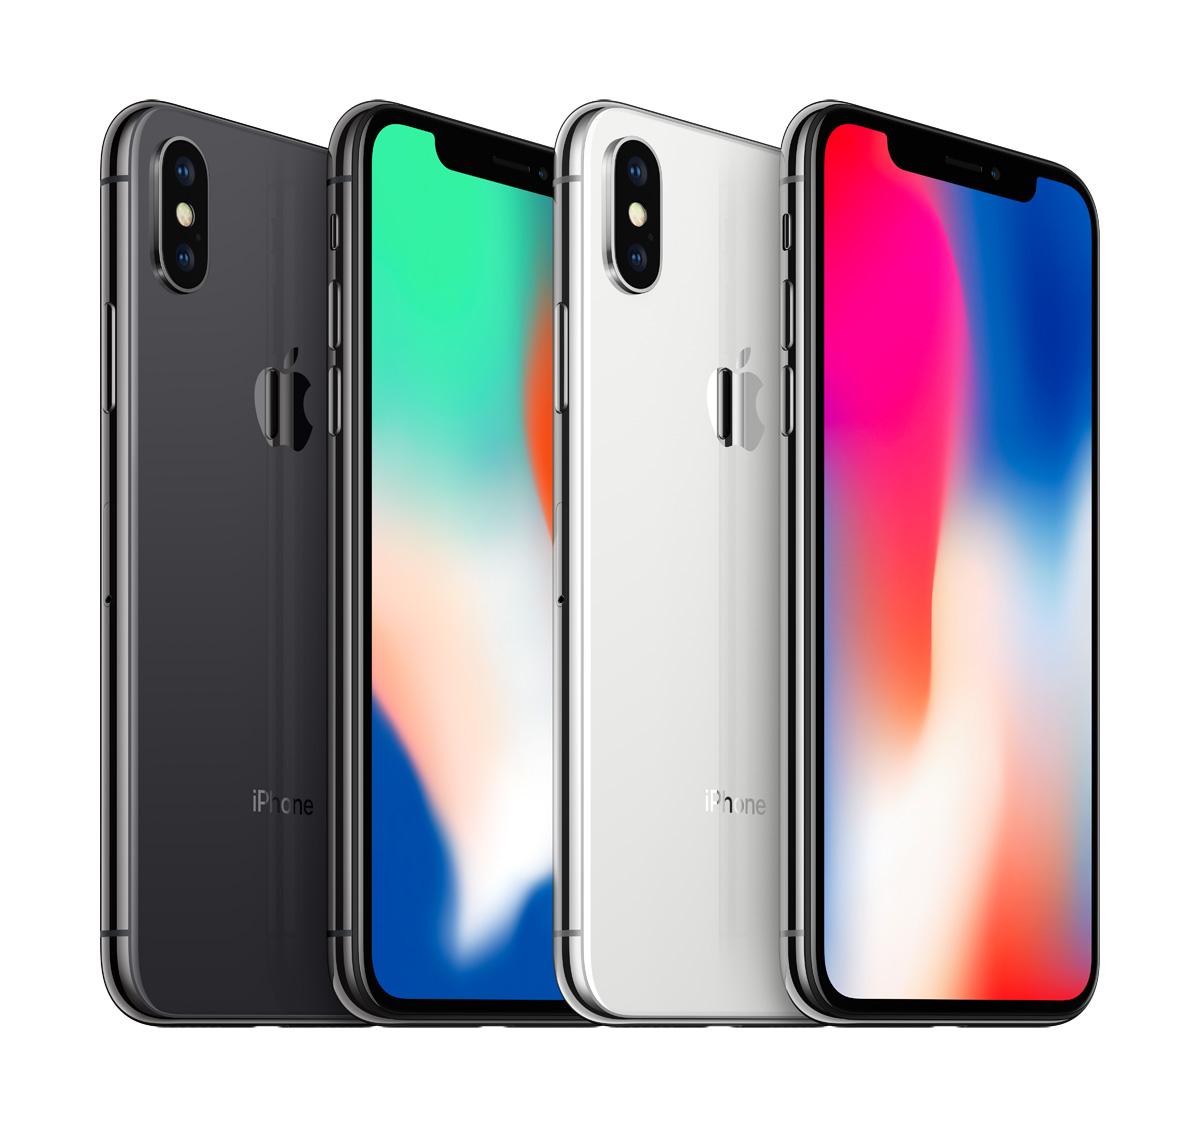 11月3日開始發售的iPhone X。(Telstra提供)